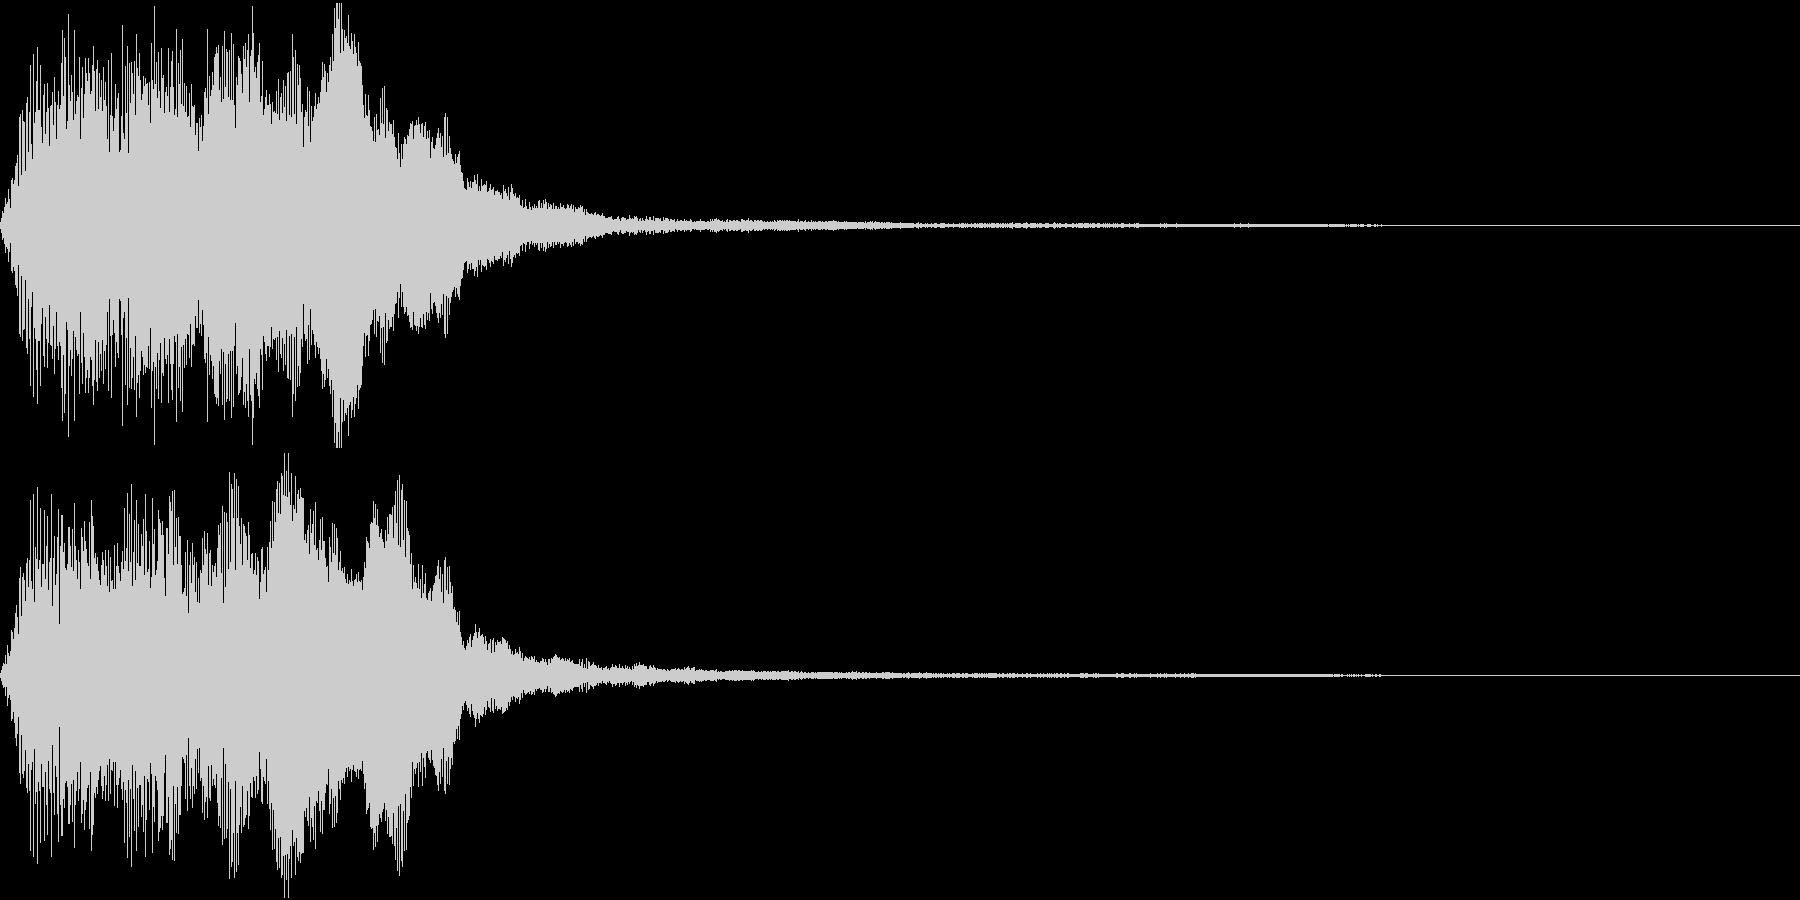 ラッパ ファンファーレ 定番 1 早いの未再生の波形